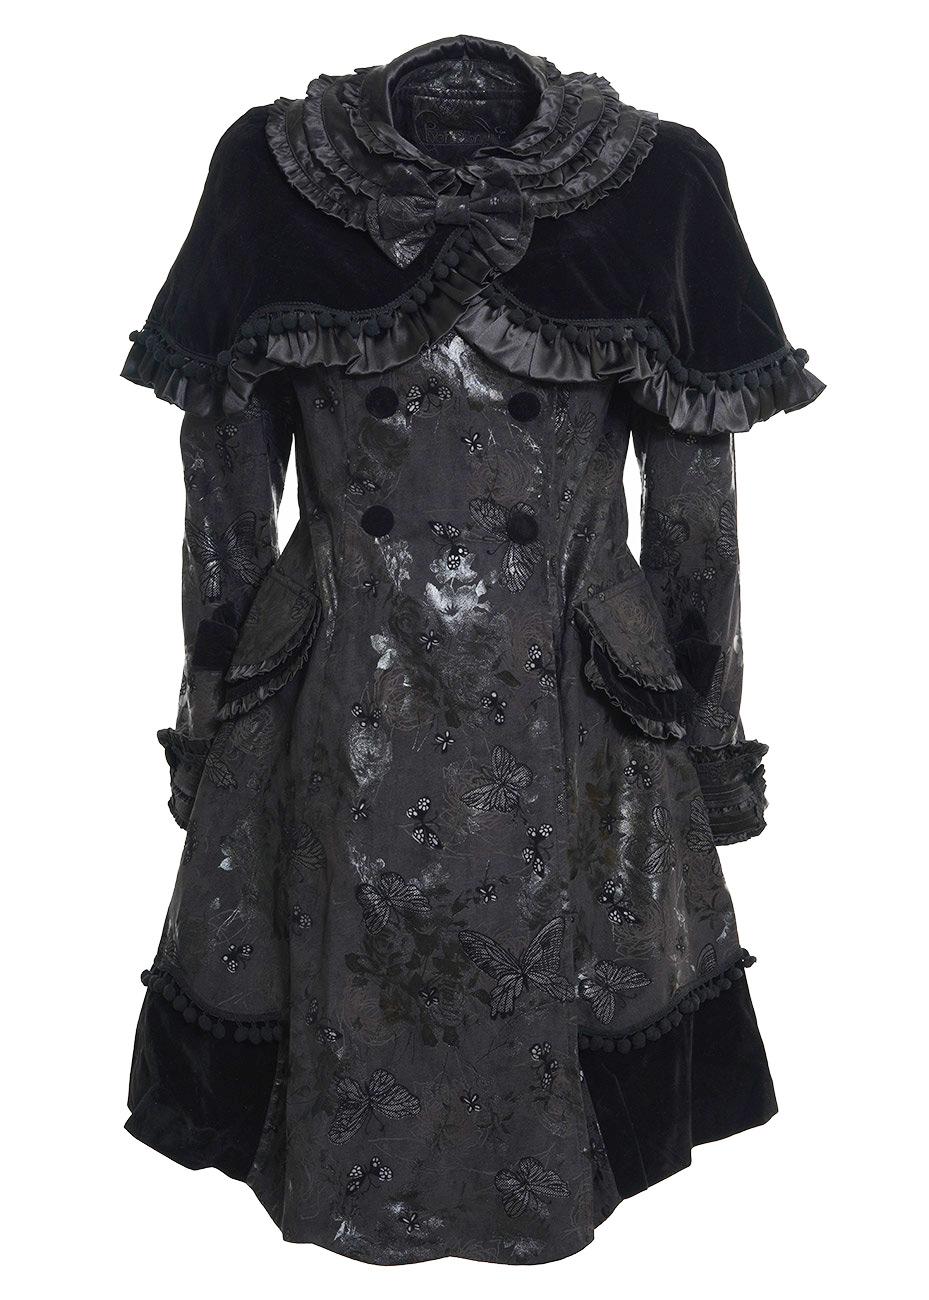 Manteau noir à motifs, noeuds et bolero gothic lolita LY 021